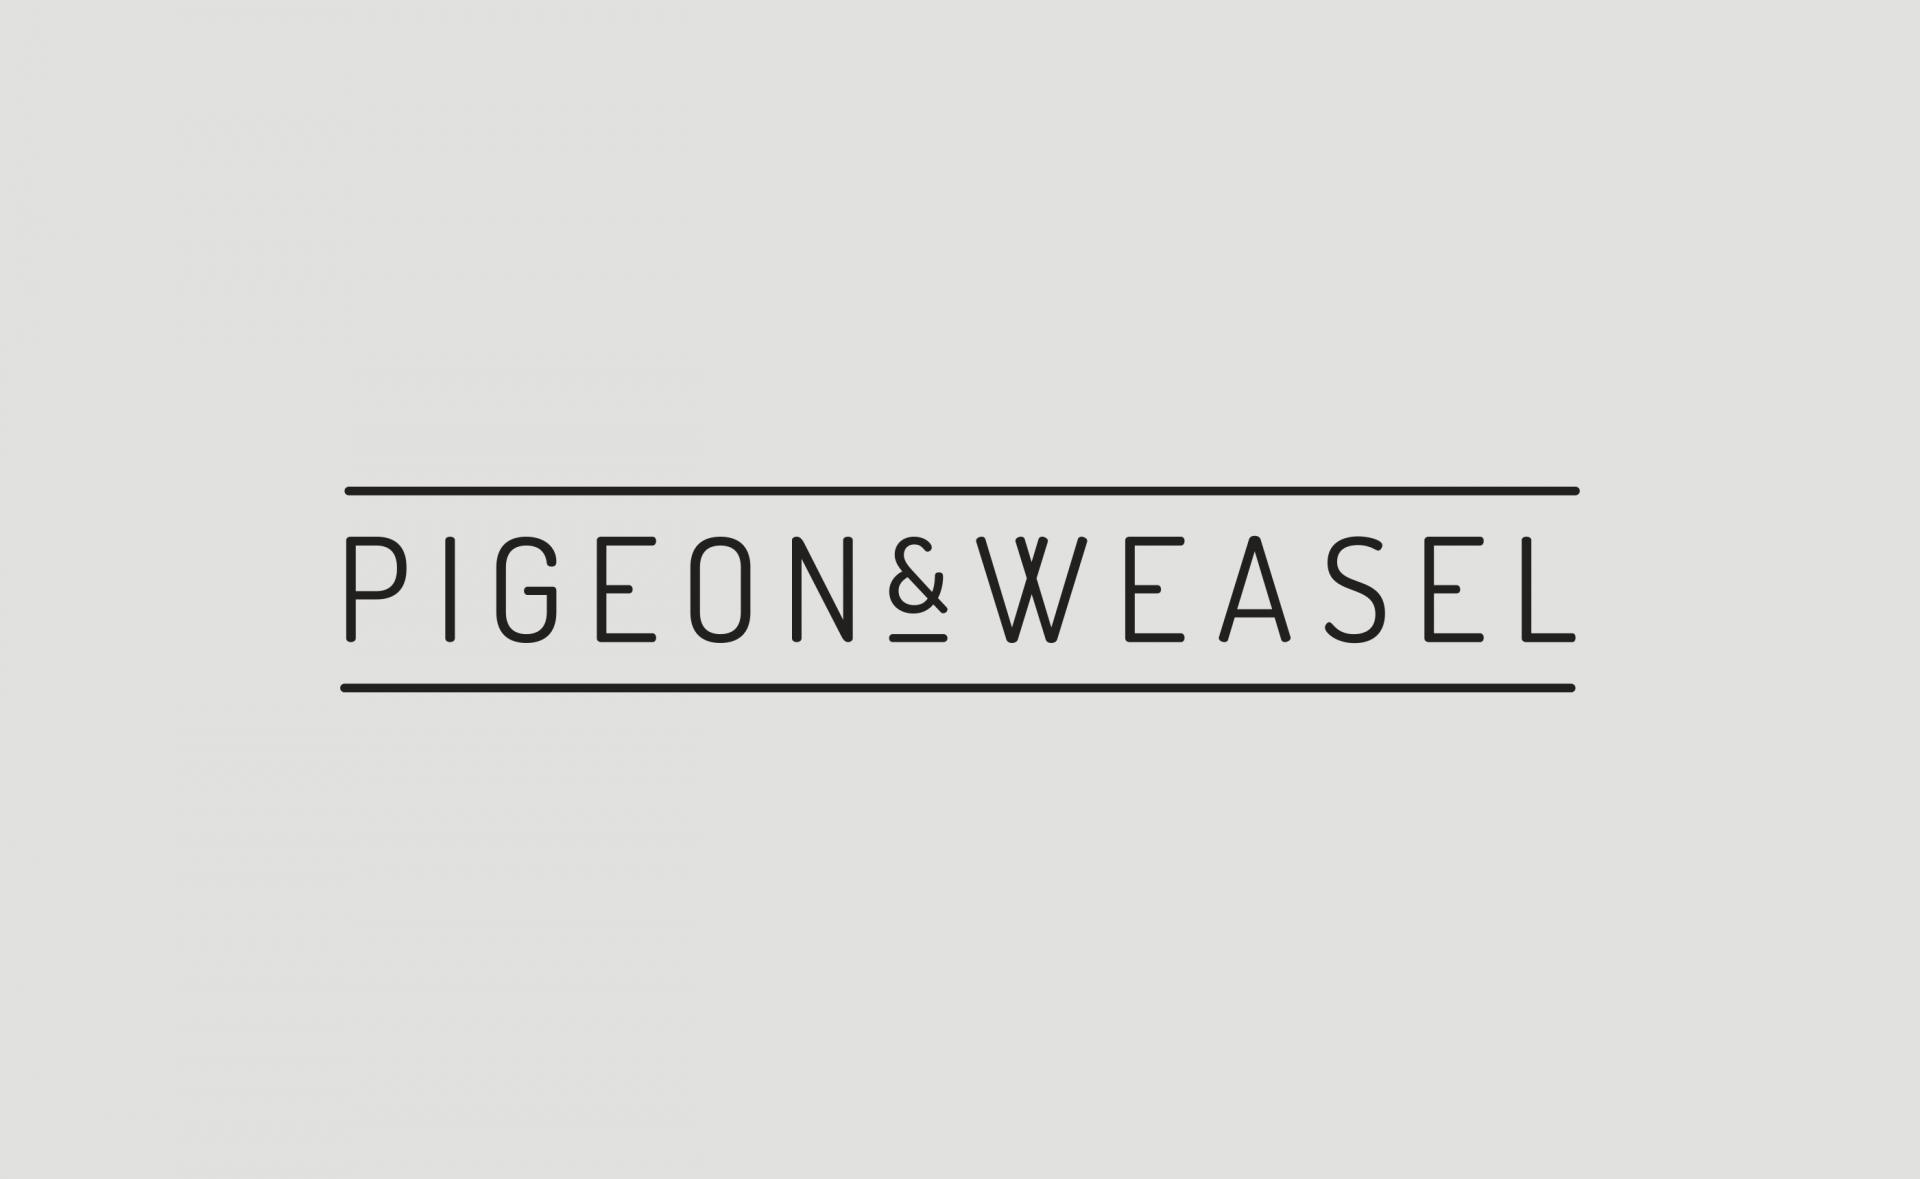 Pigeon & Weasel